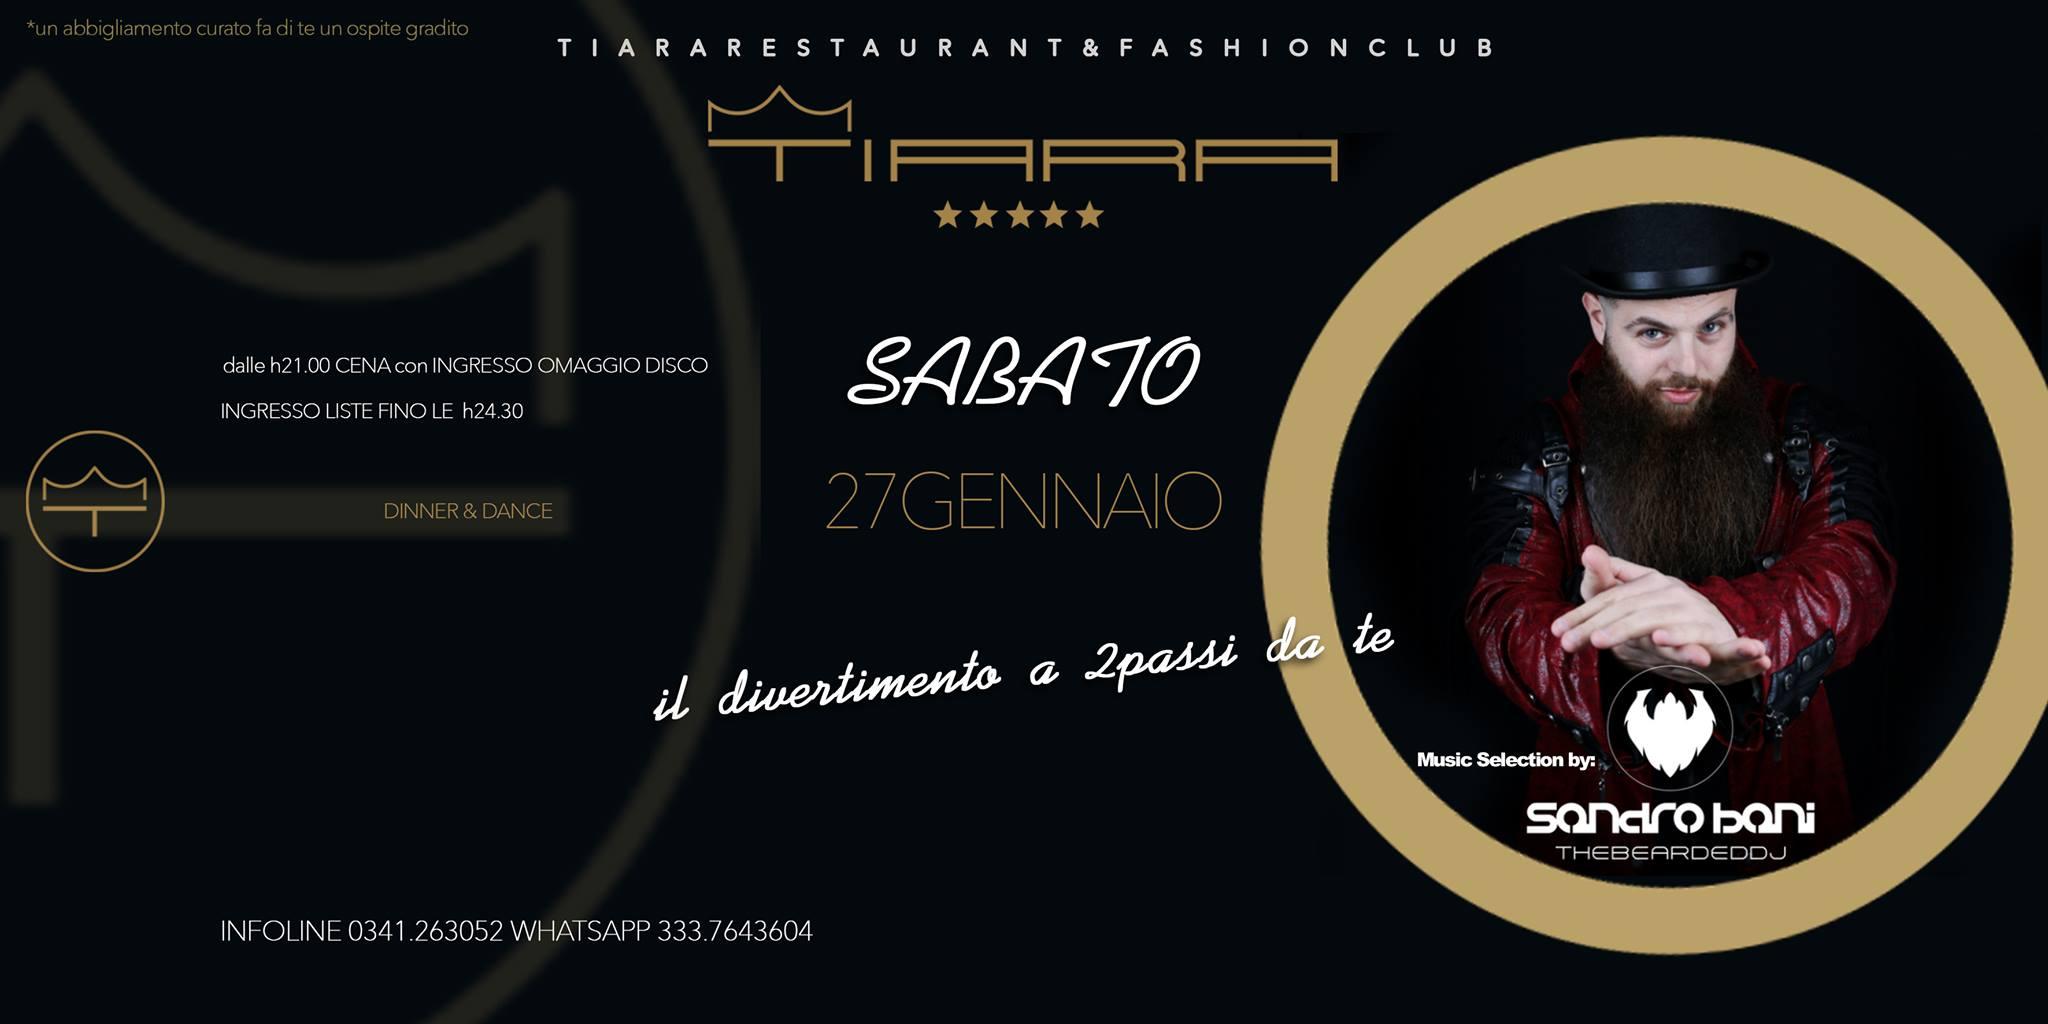 Tiara Fashion Club 2018